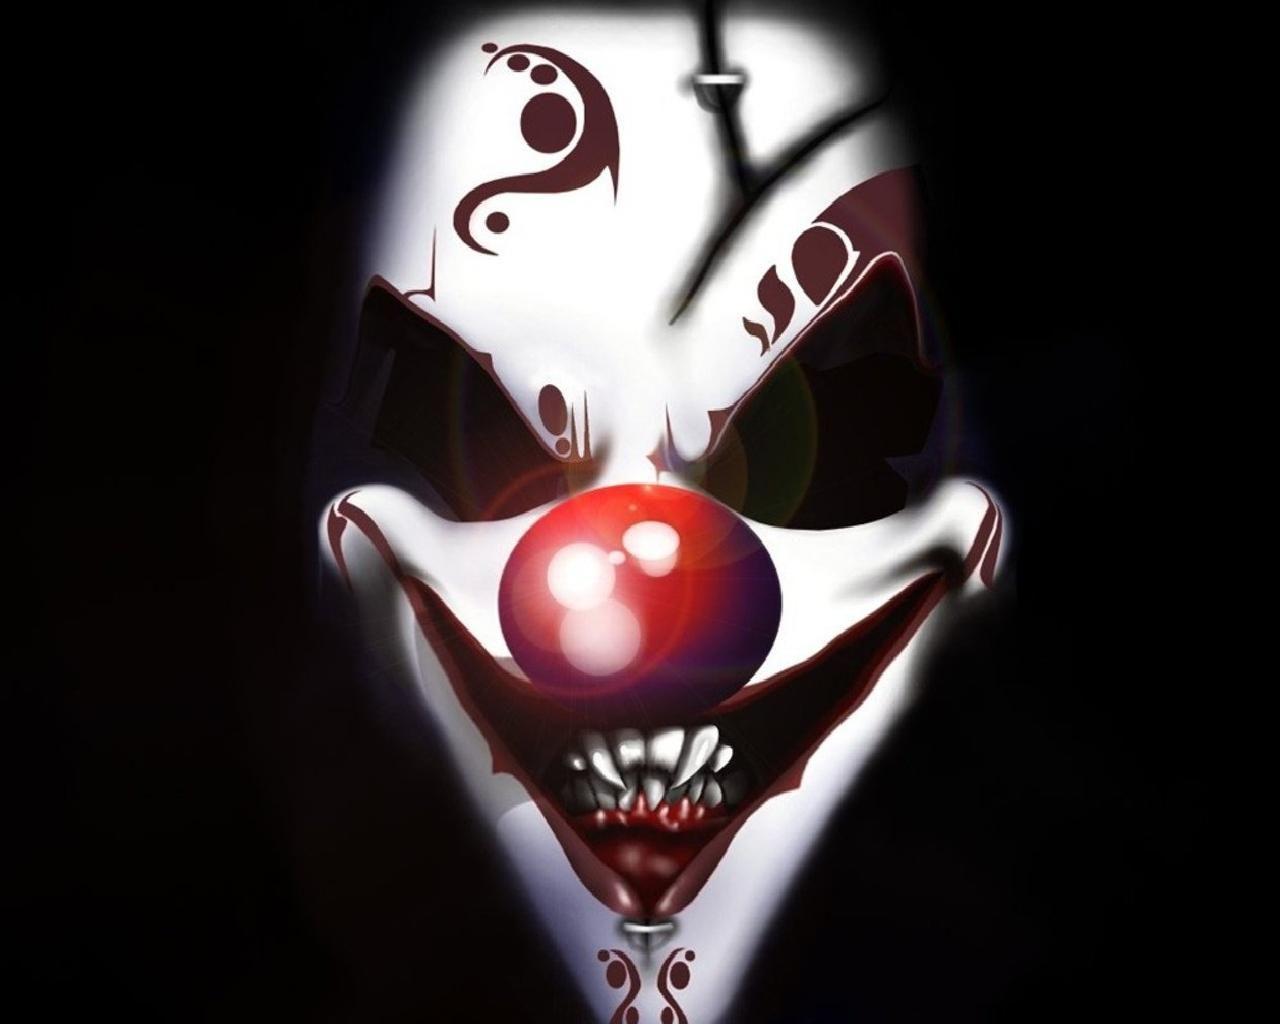 46 ] Joker Wallpaper For Windows On WallpaperSafari